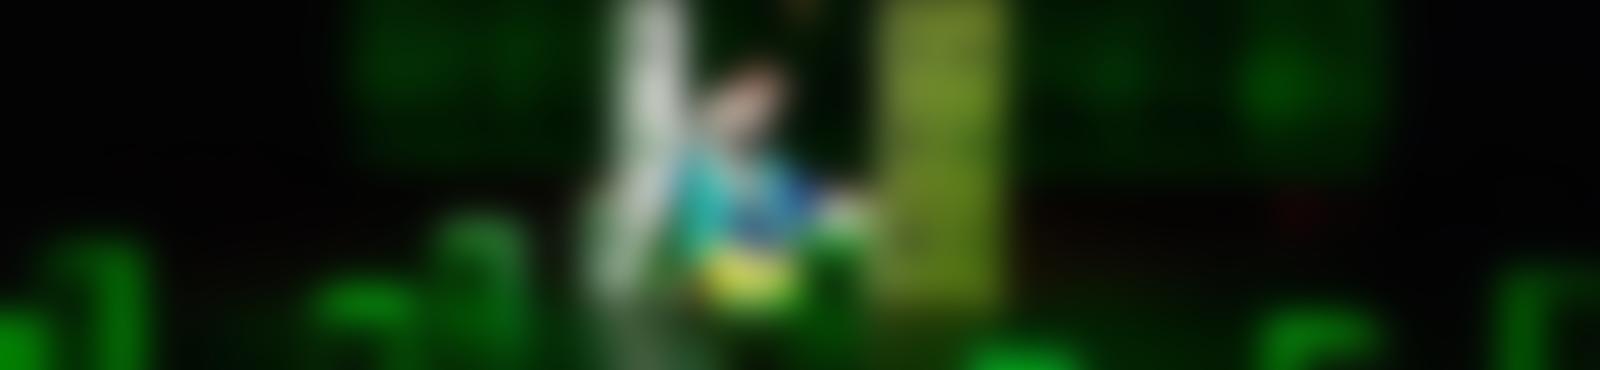 Blurred 80a2b710 ea7c 4d39 9f09 9d9ba4c70296